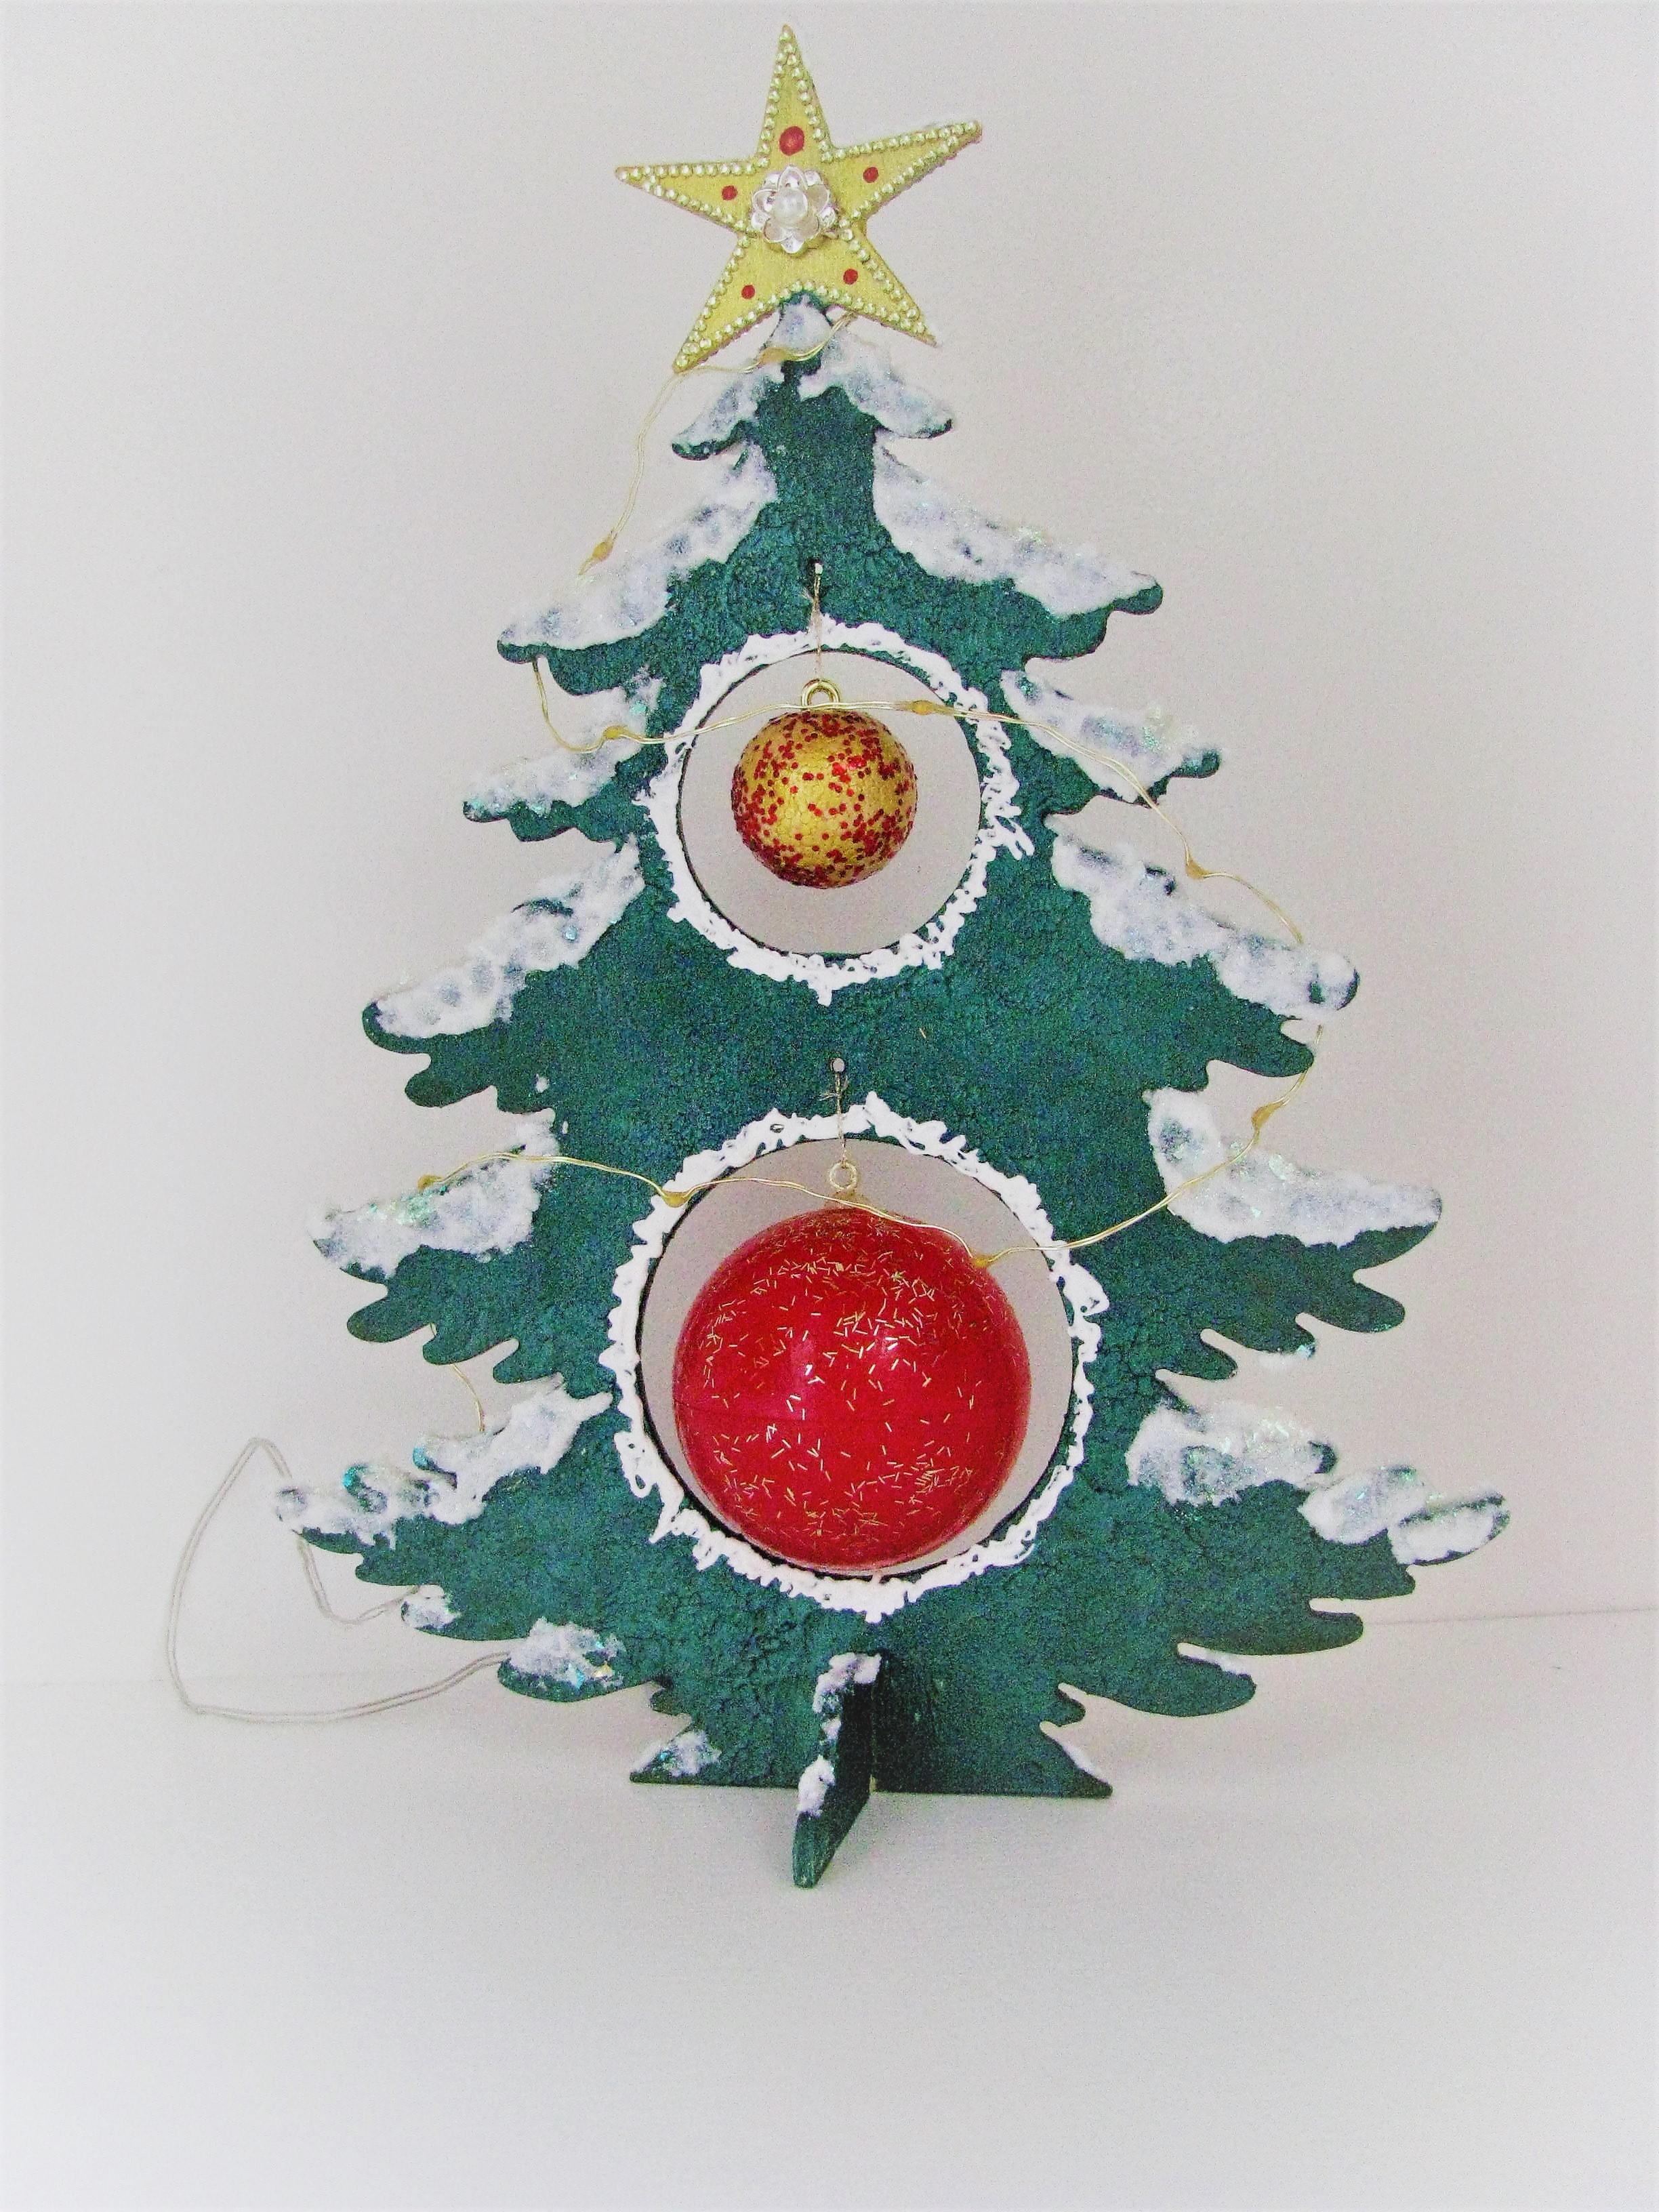 Kugel Für Tannenbaum.Tannenbaum Holz In Grün Mit Verzierungen Und Kugeln